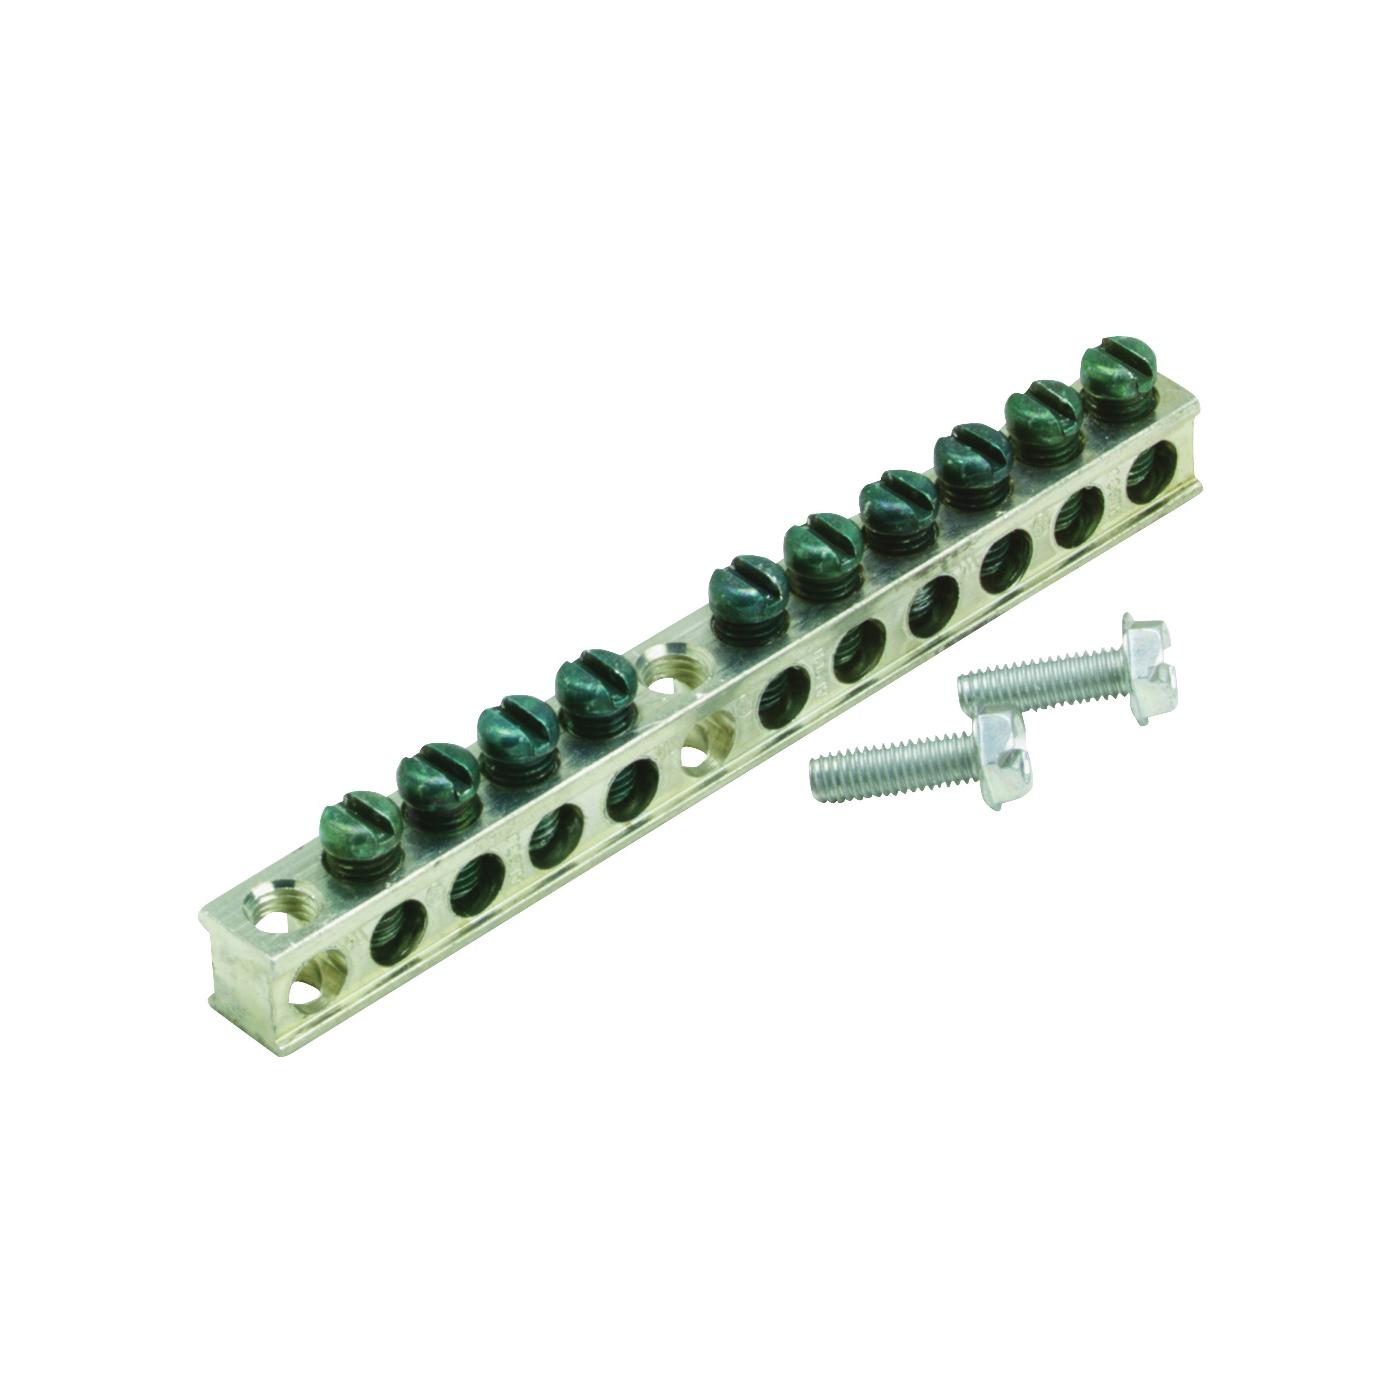 Cutler-Hammer GBK10P